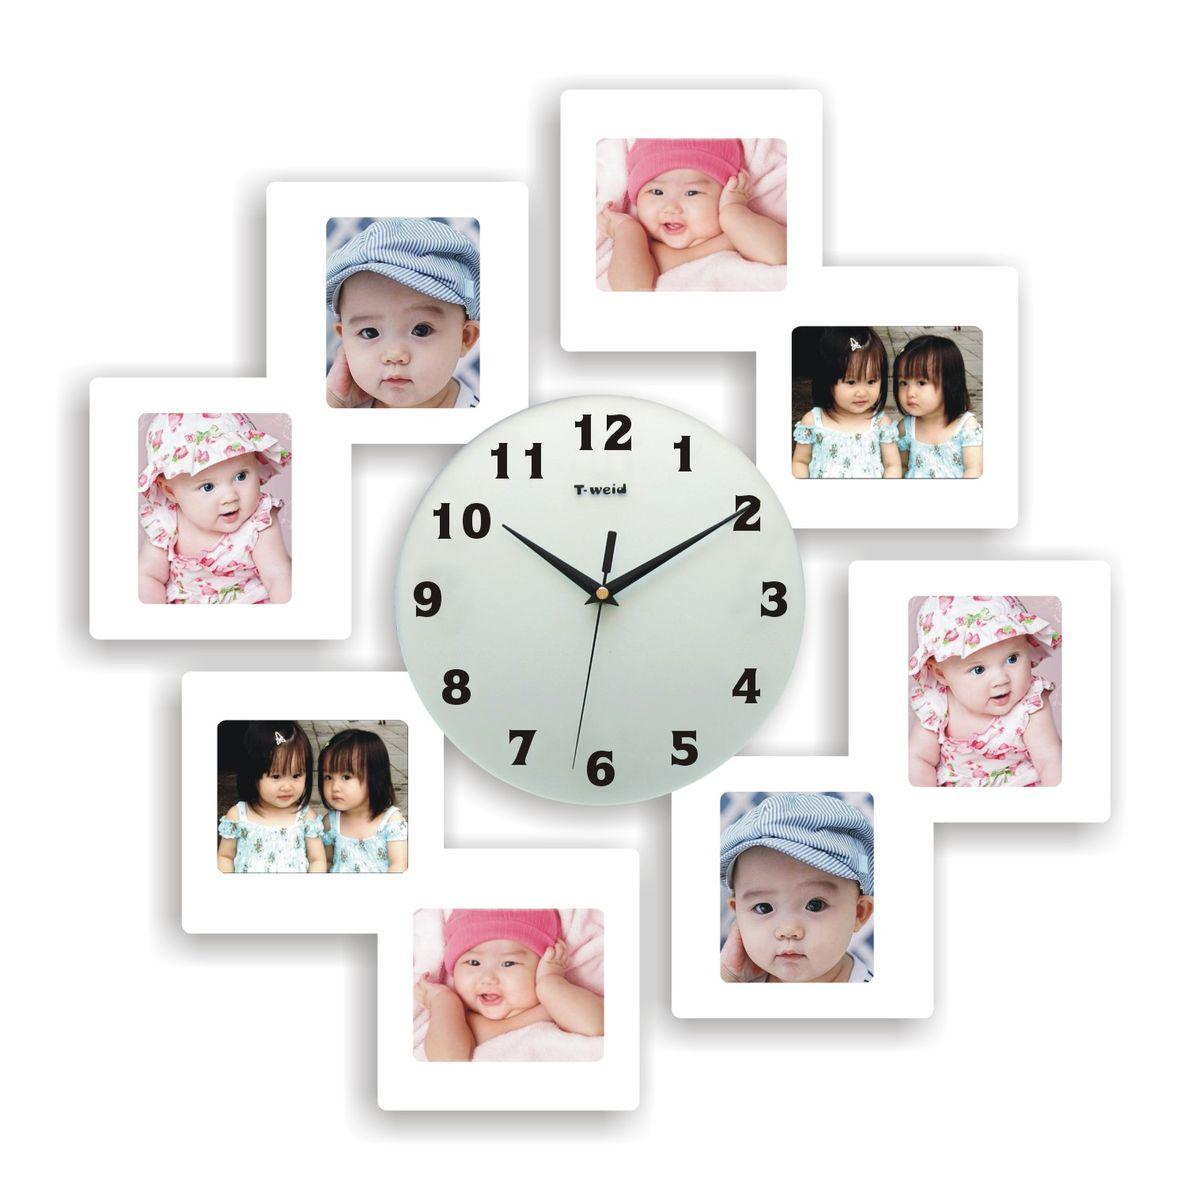 Часы настенные T-Weid, с фоторамками, цвет: белый, 55 х 55 х 5 смM 8182 B WhiteНастенные кварцевые часы с фоторамками - это прекрасный предмет декора, а также универсальный подарок практически по любому поводу. Корпус часов, выполнен из дерева с белым матовым покрытием и оформлен восемью фоторамками. Циферблат часов оснащен тремя фигурными стрелками: часовой, минутной и секундной. Цифры и метки нанесены черной краской на стекле циферблата. На задней стенке часов расположена металлическая петелька для подвешивания и блок с часовым механизмом. Часы с фоторамками прекрасно впишутся в любой интерьер. В зависимости оттого, что вы поместите в рамки, будет меняться и стиль часов. Тип механизма: плавающий, бесшумный. Рекомендуется докупить батарейку типа АА (не входит в комплект). Для 8 фото 11 х 9см.